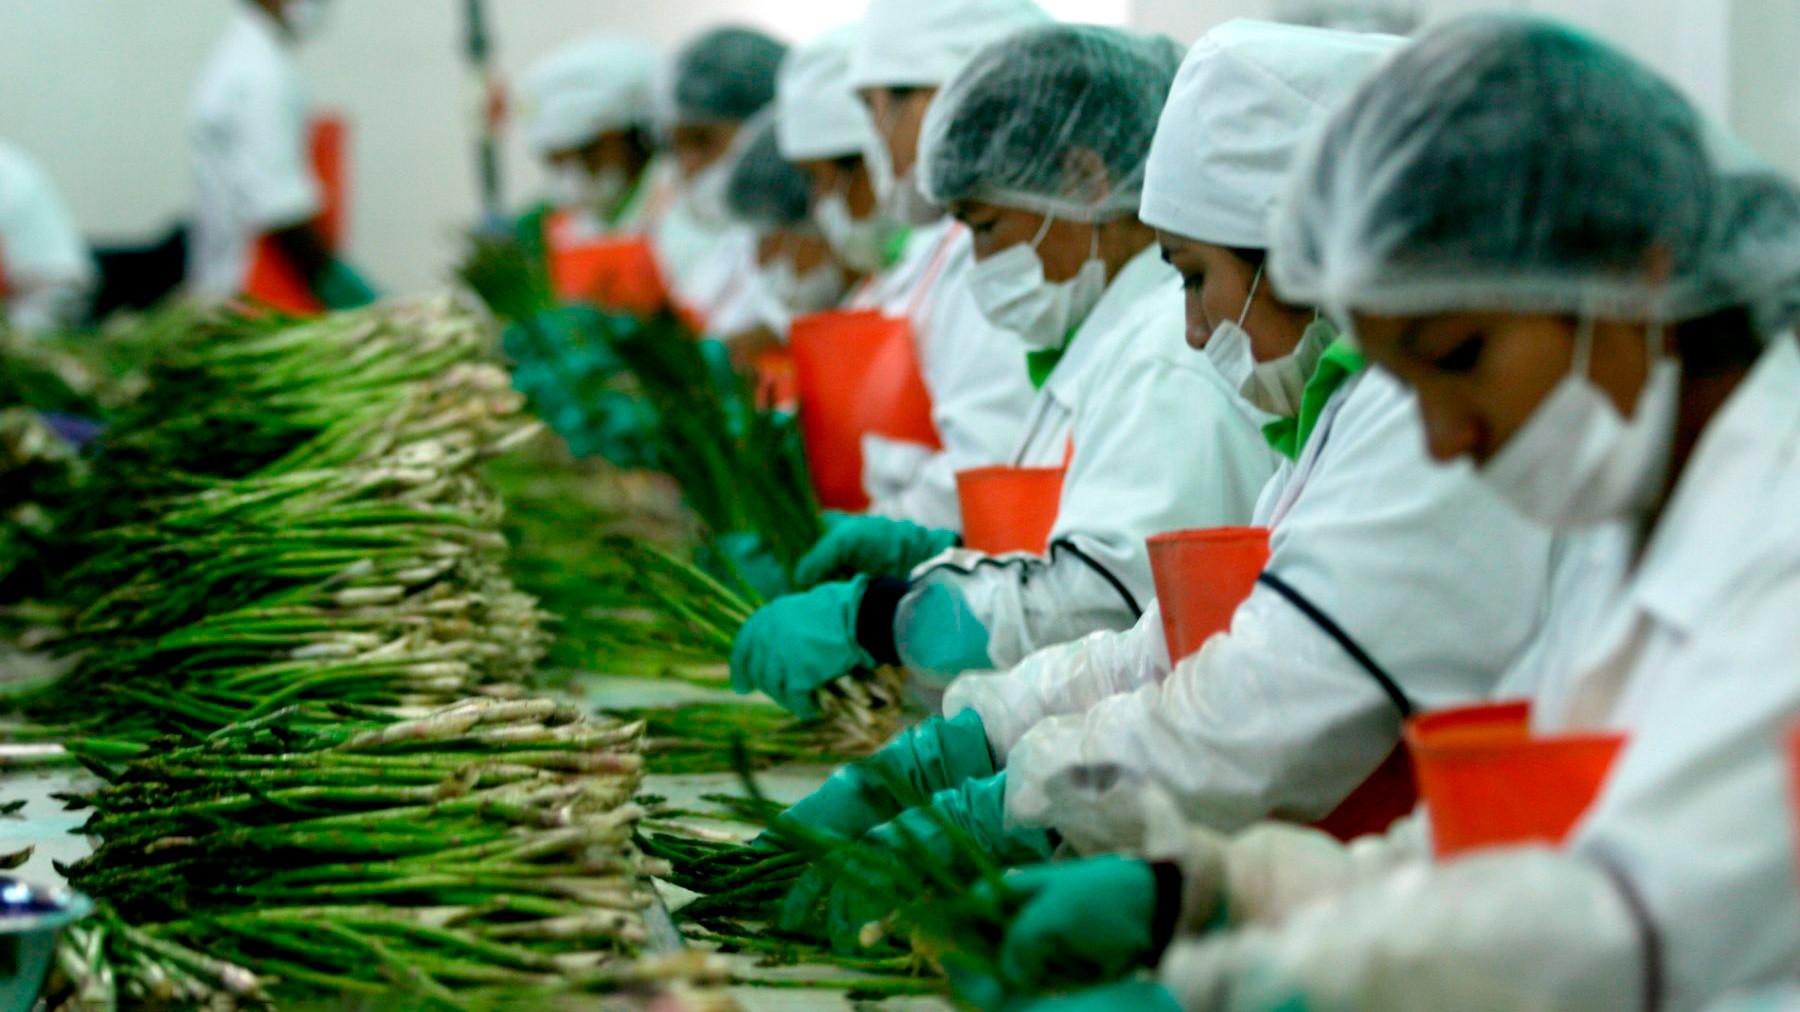 Una nueva agroindustria para el bicentenario, por Jorge Ramírez Rubio